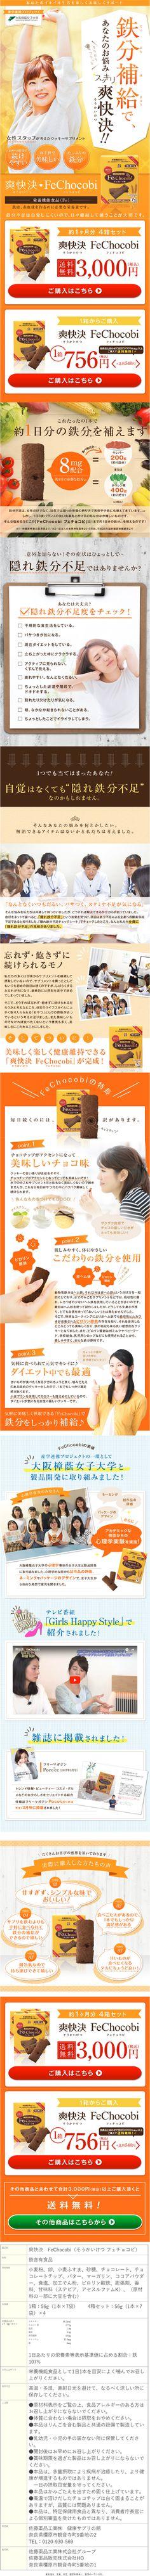 健康サプリの館様の「爽快決 FeChocobi」のランディングページ(LP)にぎやか系|健康・美容食品・サプリ